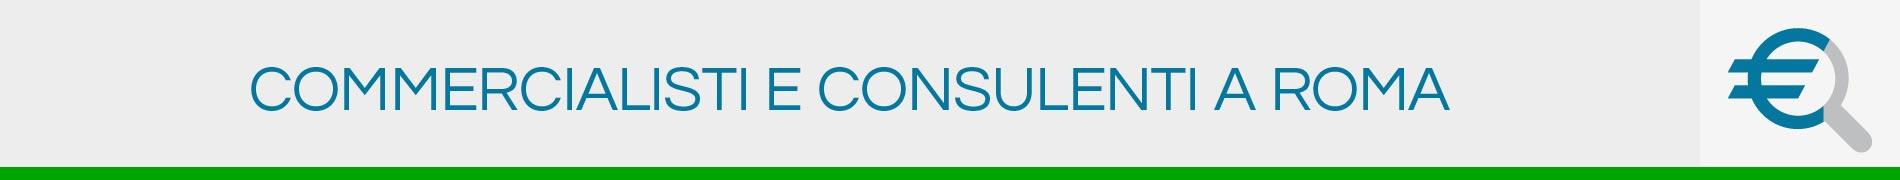 Commercialisti e Consulenti a Roma